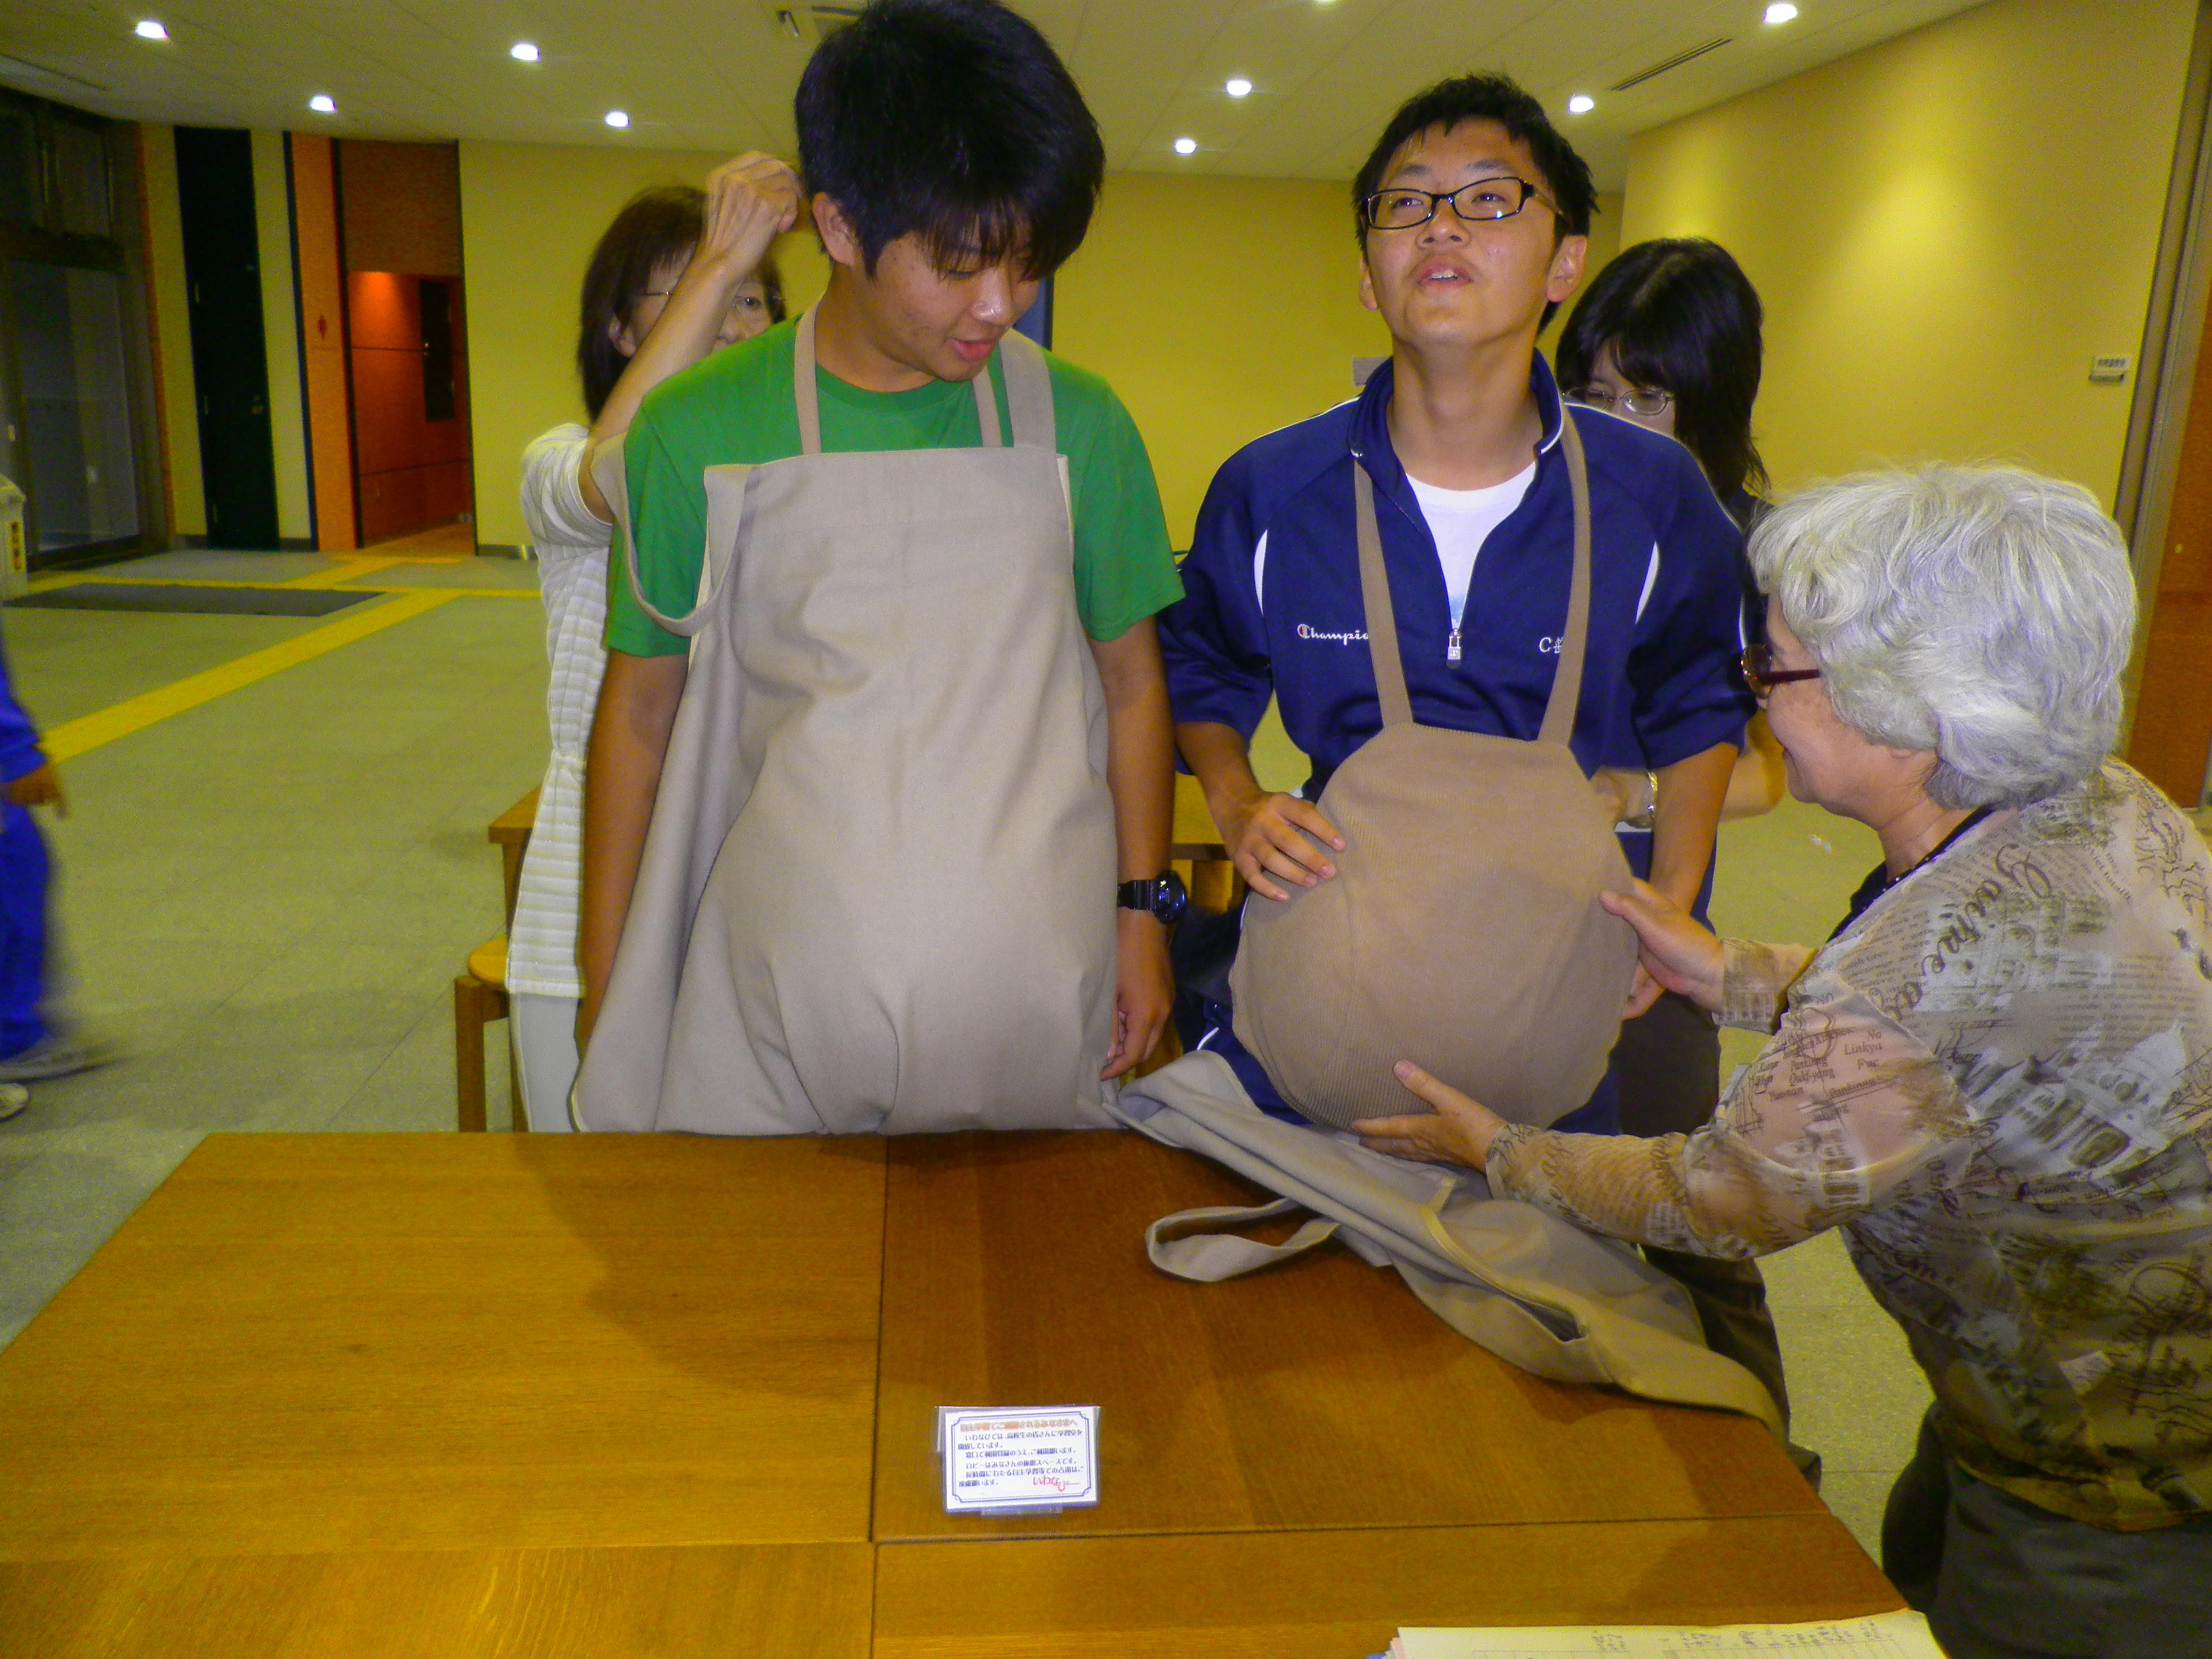 中学生 妊婦 妊婦体験グループ